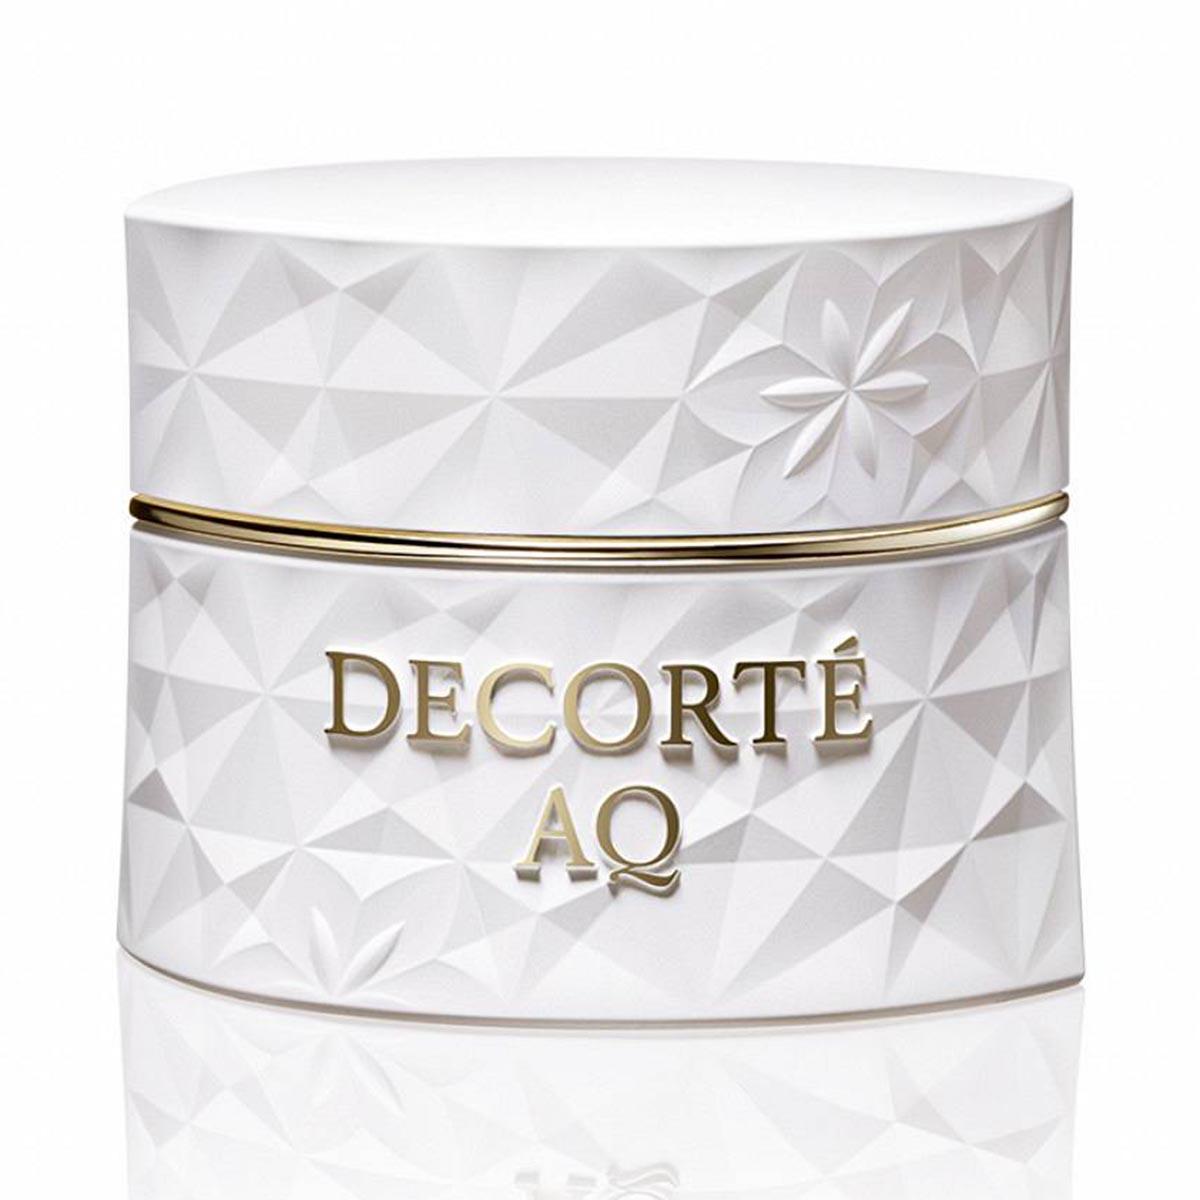 Cosme decorte aq repair cream 50ml